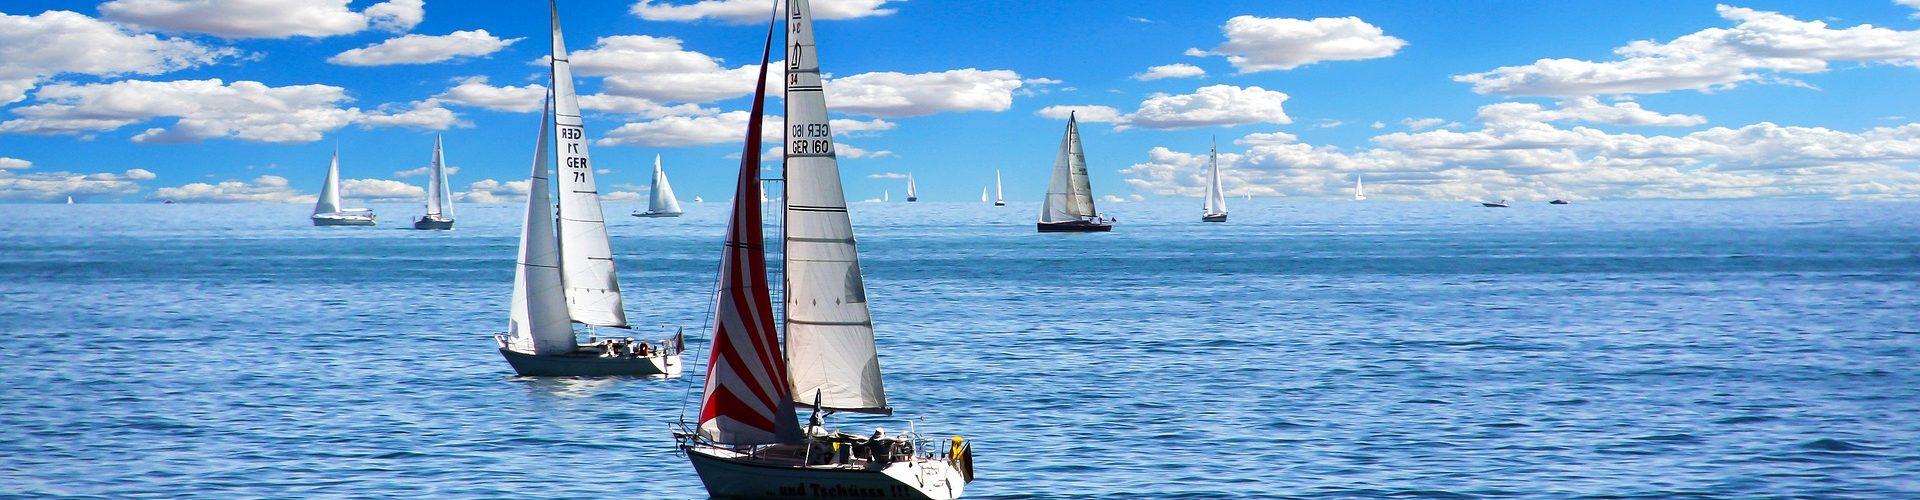 segeln lernen in Runkel segelschein machen in Runkel 1920x500 - Segeln lernen in Runkel